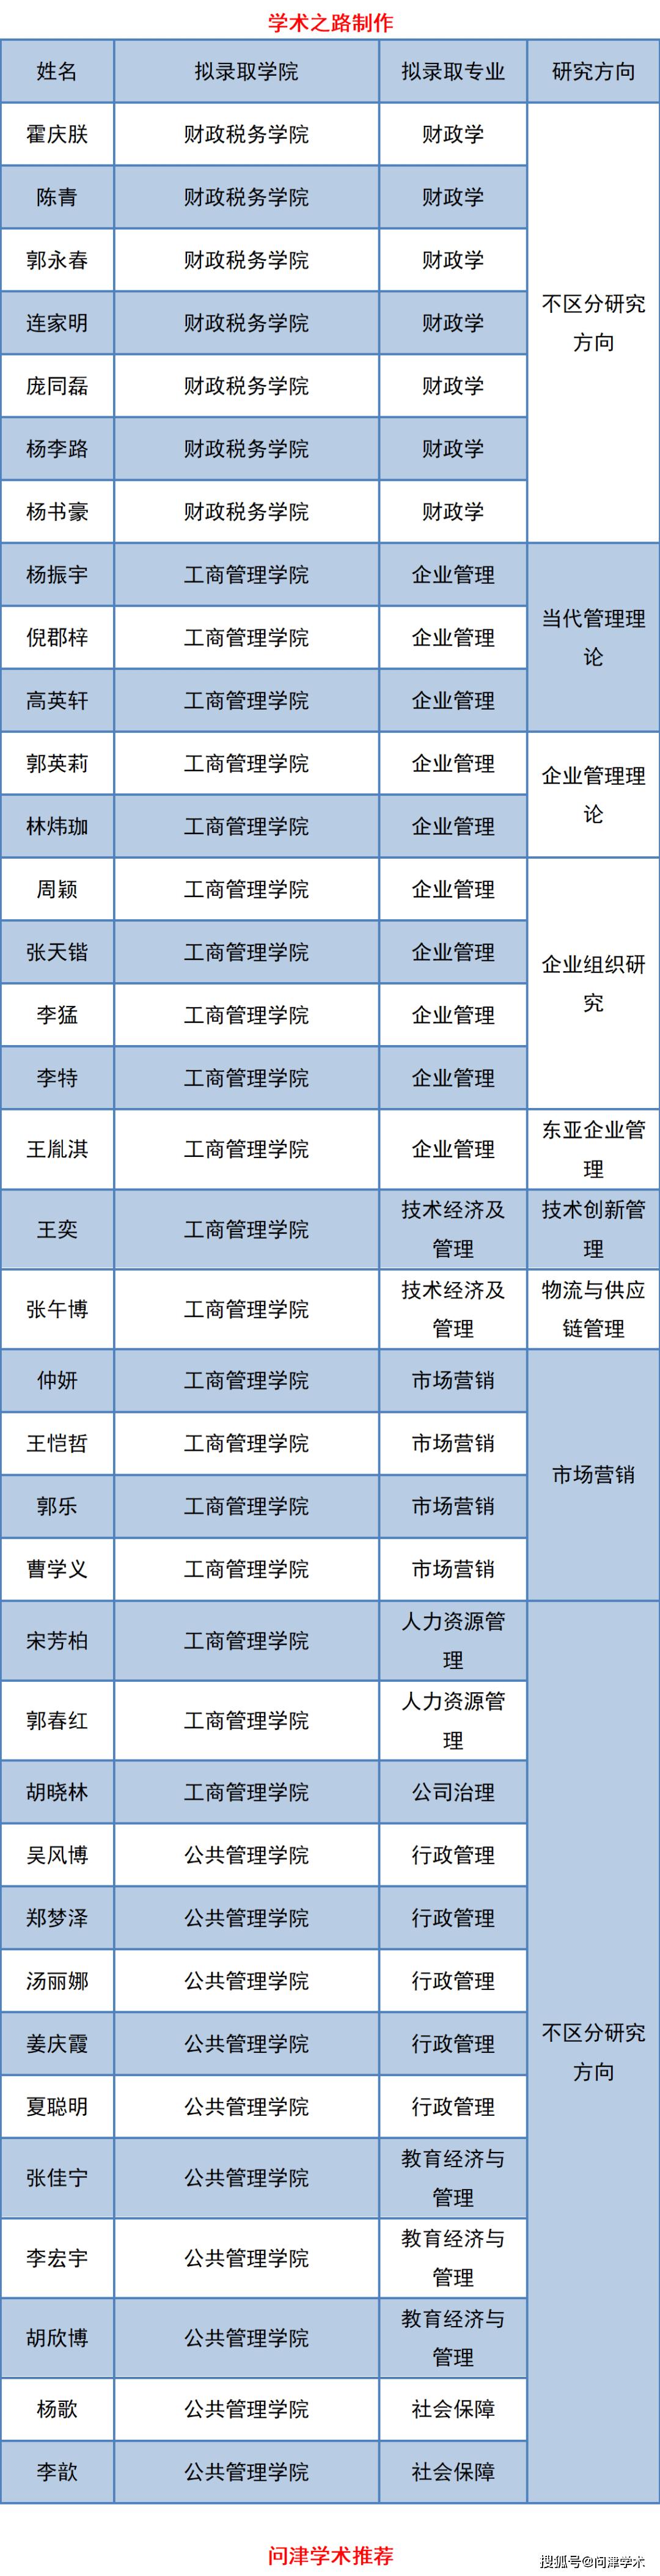 东北财经大学公布2021年普通招考博士研究生拟录取名单,111人